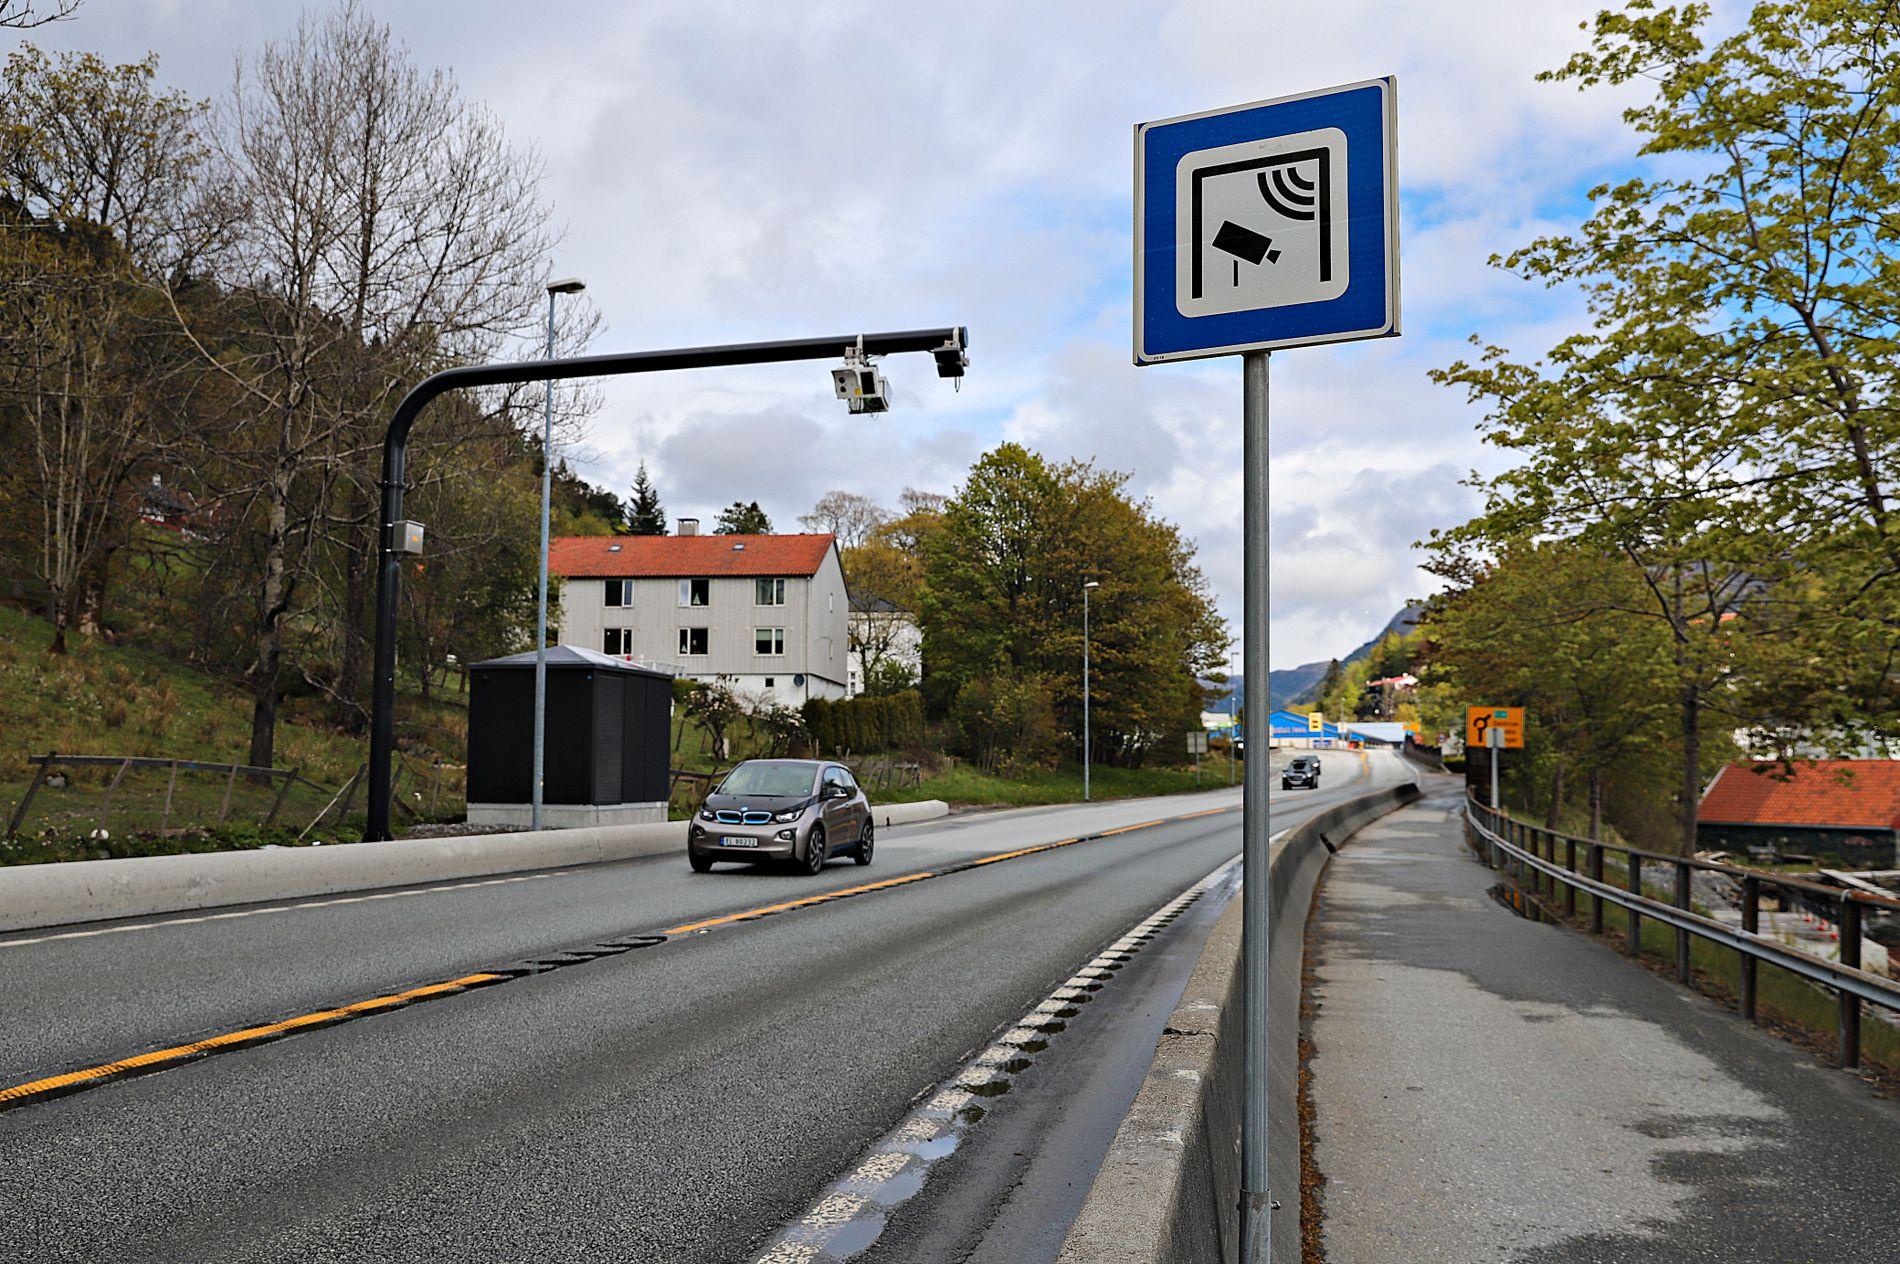 BETALE MINDRE: Høyre har sendt inn en interpellasjon til bystyret om at barnefamilier skal betale mindre i bomringen.